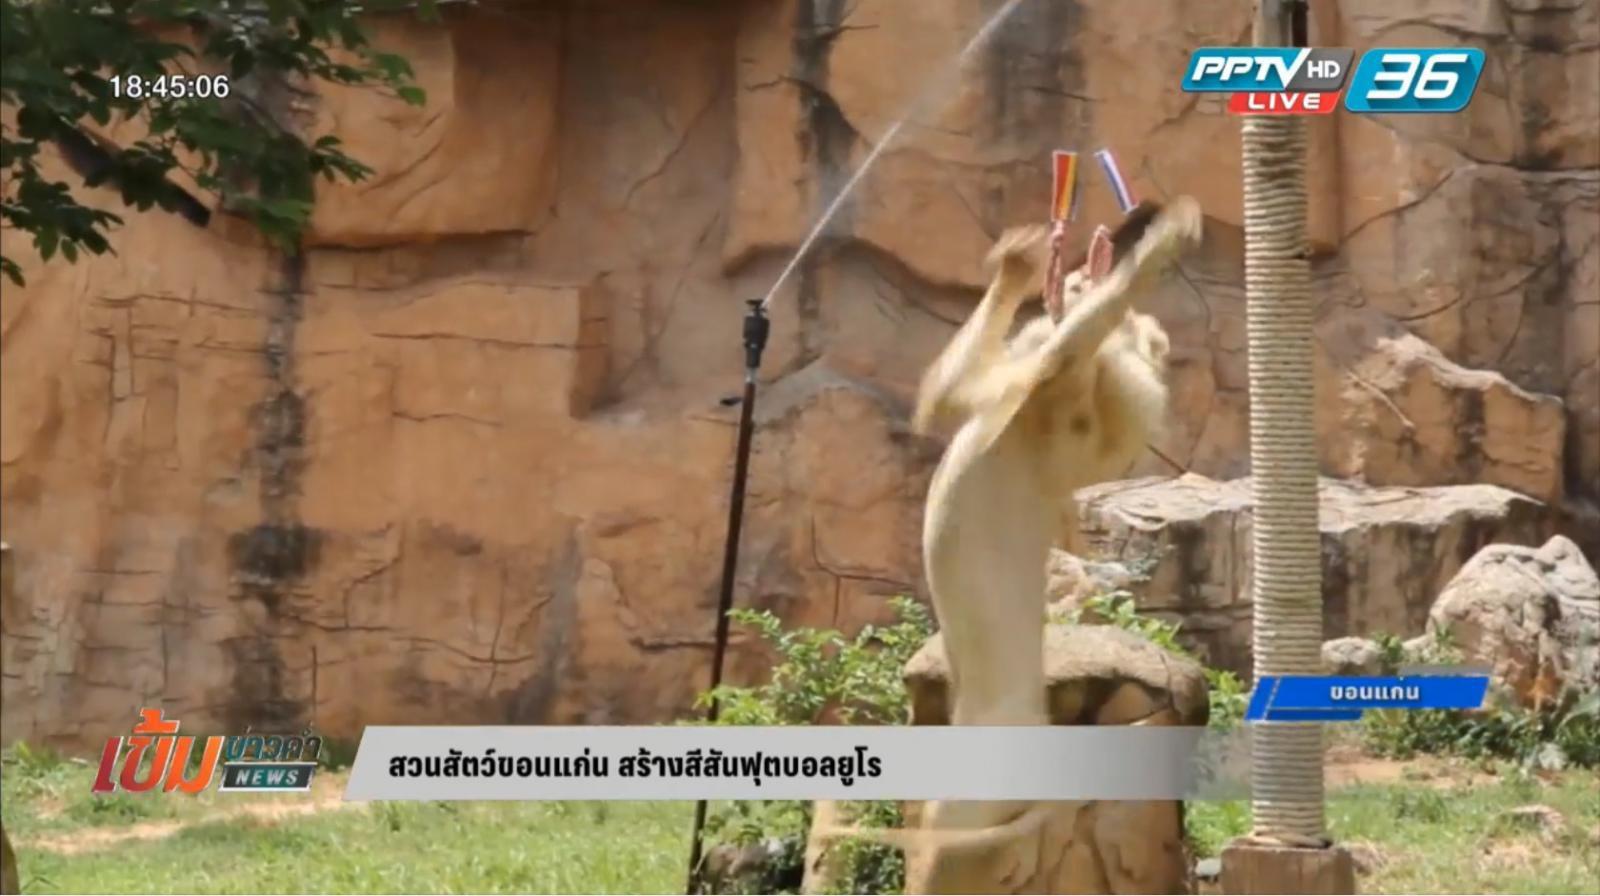 สวนสัตว์ขอนแก่น สร้างสีสันฟุตบอลยูโร